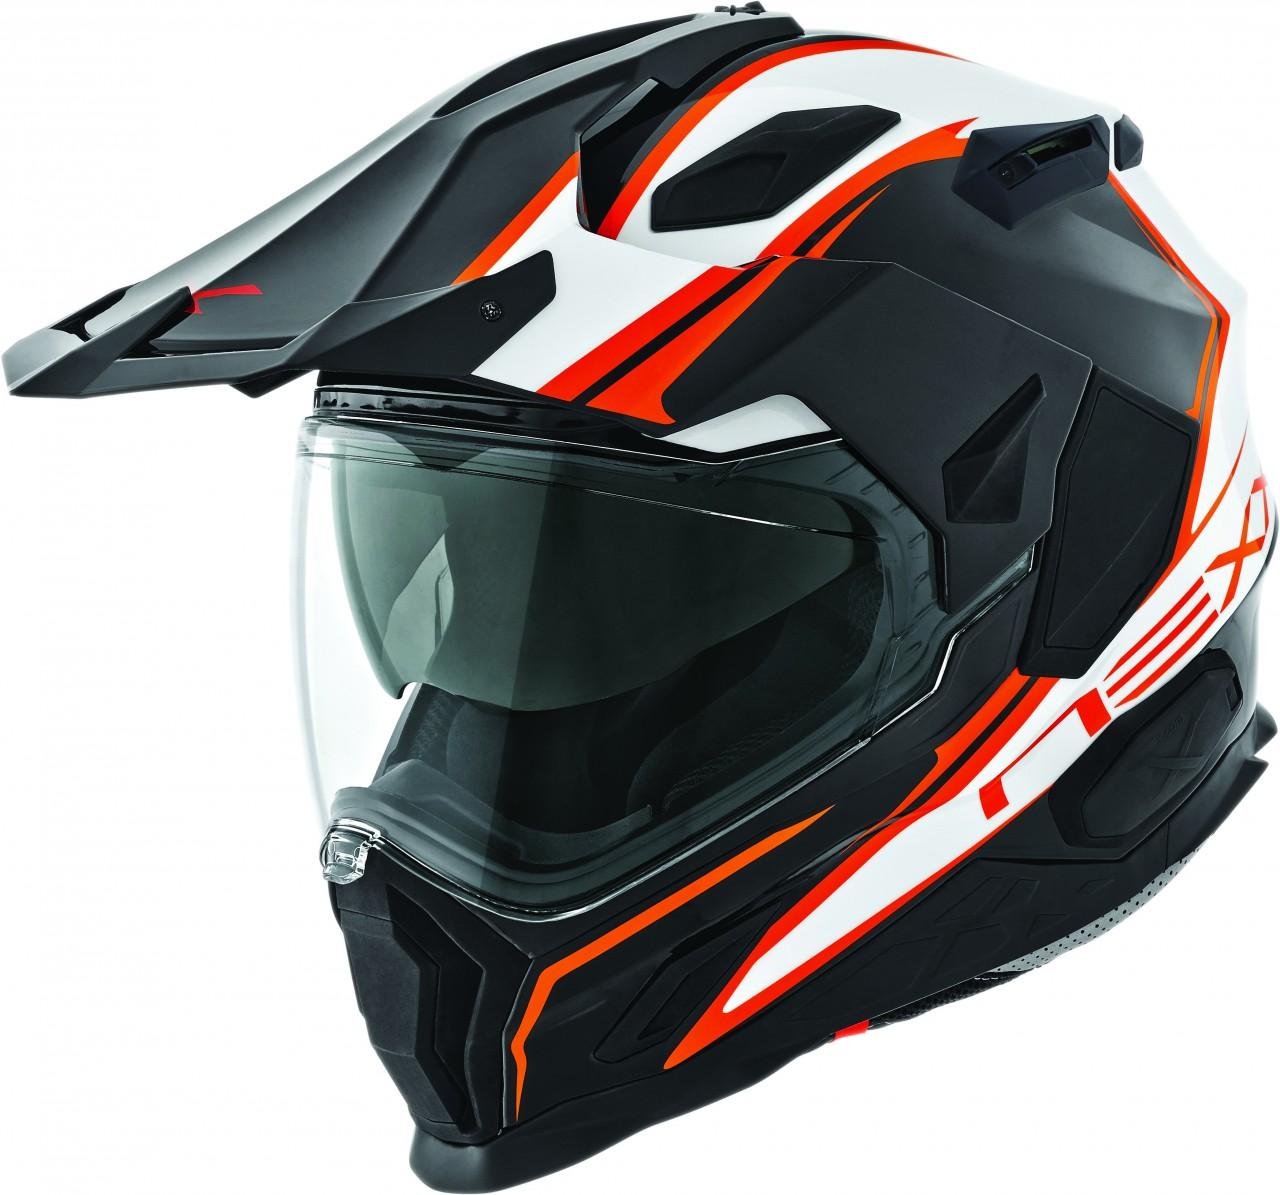 nexx se met aussi au casque enduro route avec le xd 1 objectif moto. Black Bedroom Furniture Sets. Home Design Ideas